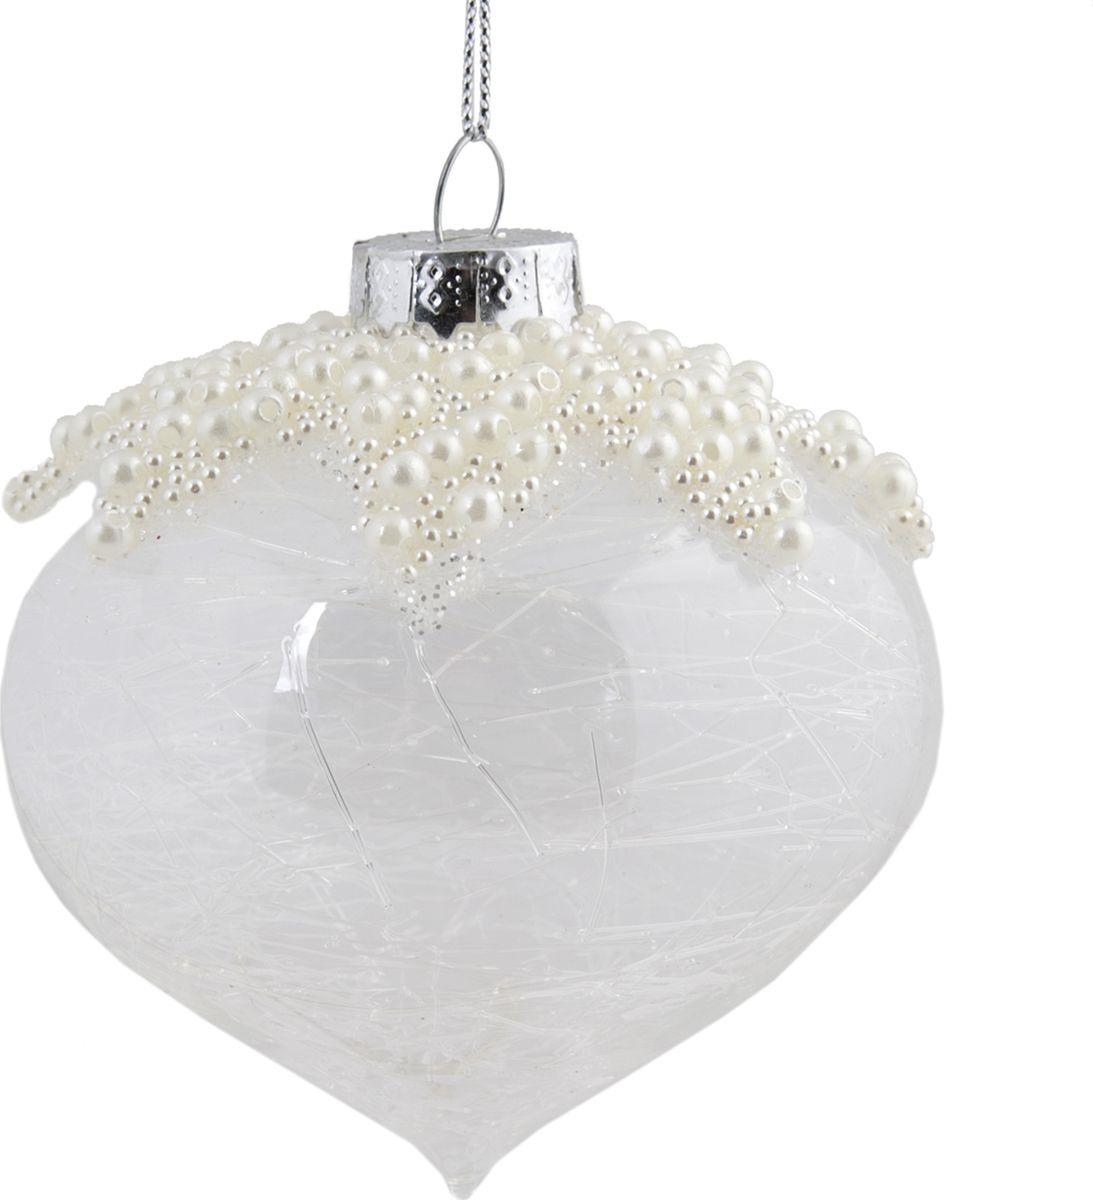 Новогоднее подвесное украшение Magic Time Шар, цвет: прозрачный, 8 см новогоднее подвесное украшение елочный шар цвет золотистый 25110